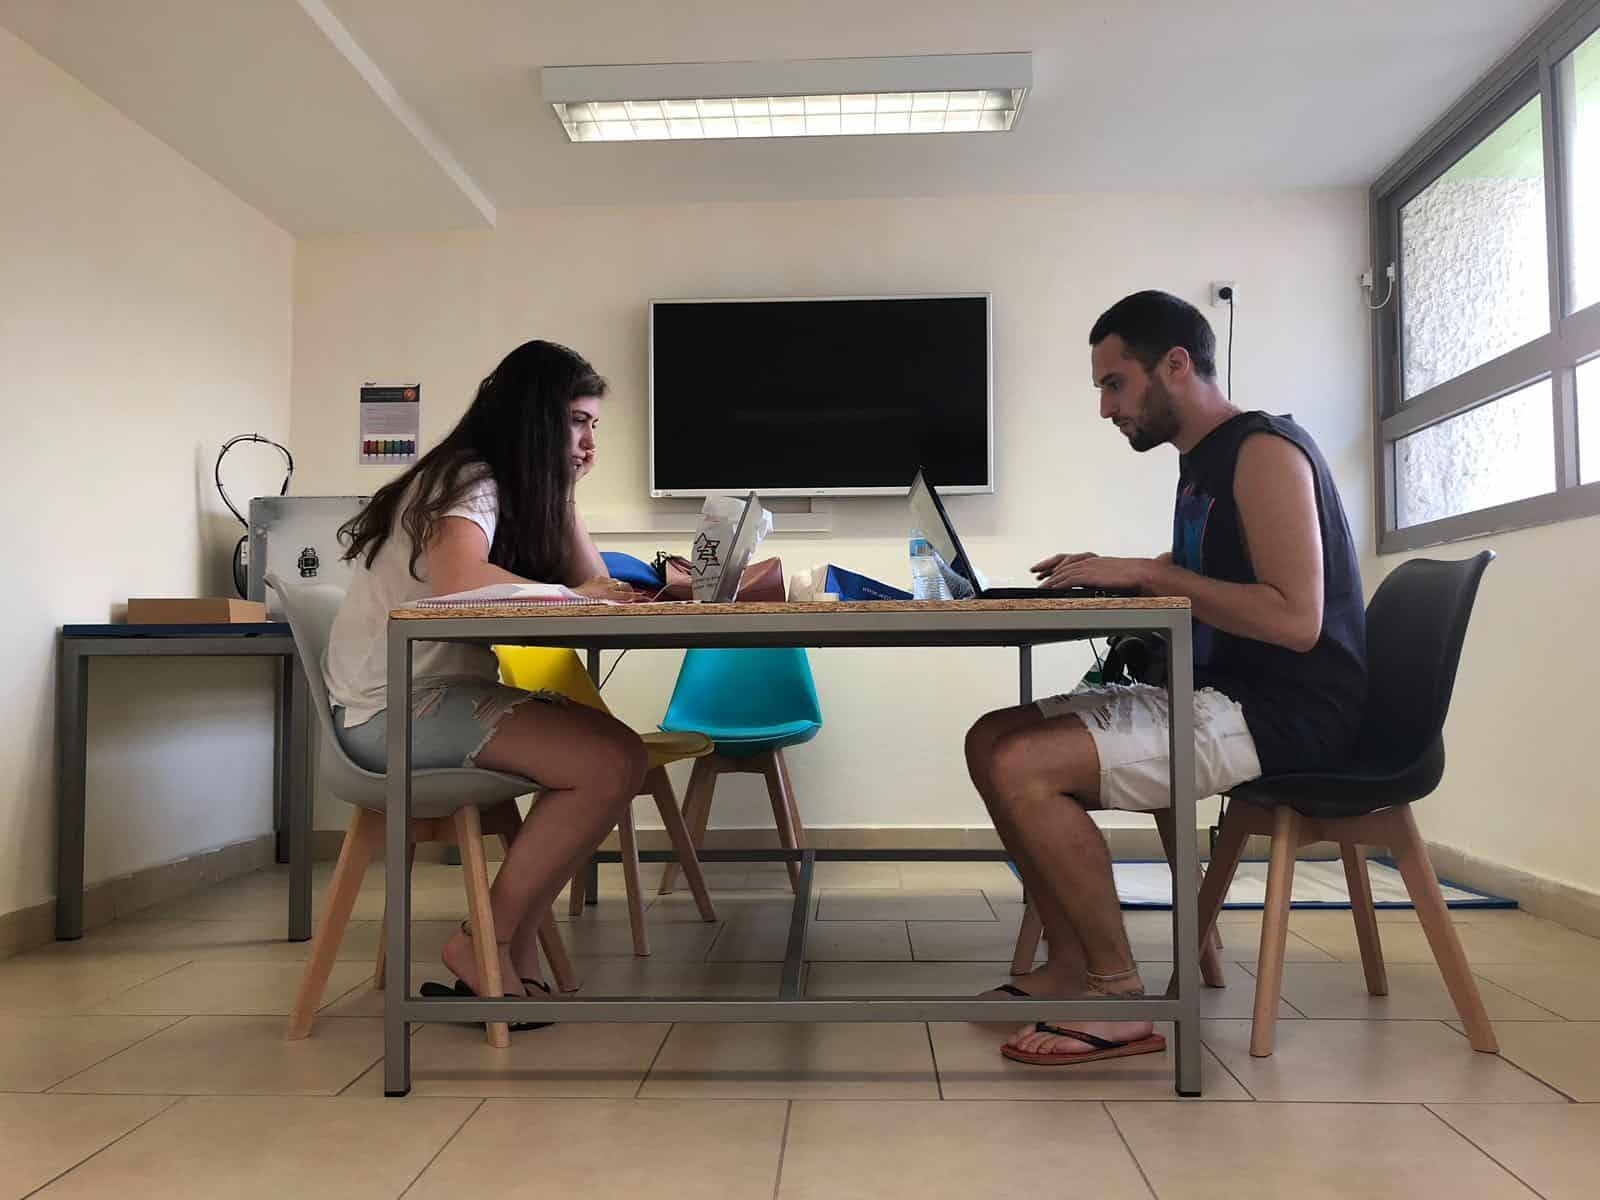 הסטודנטים נהנו ממרחב הלמידה, צילום: באדיבות דוברות עיריית גבעתיים